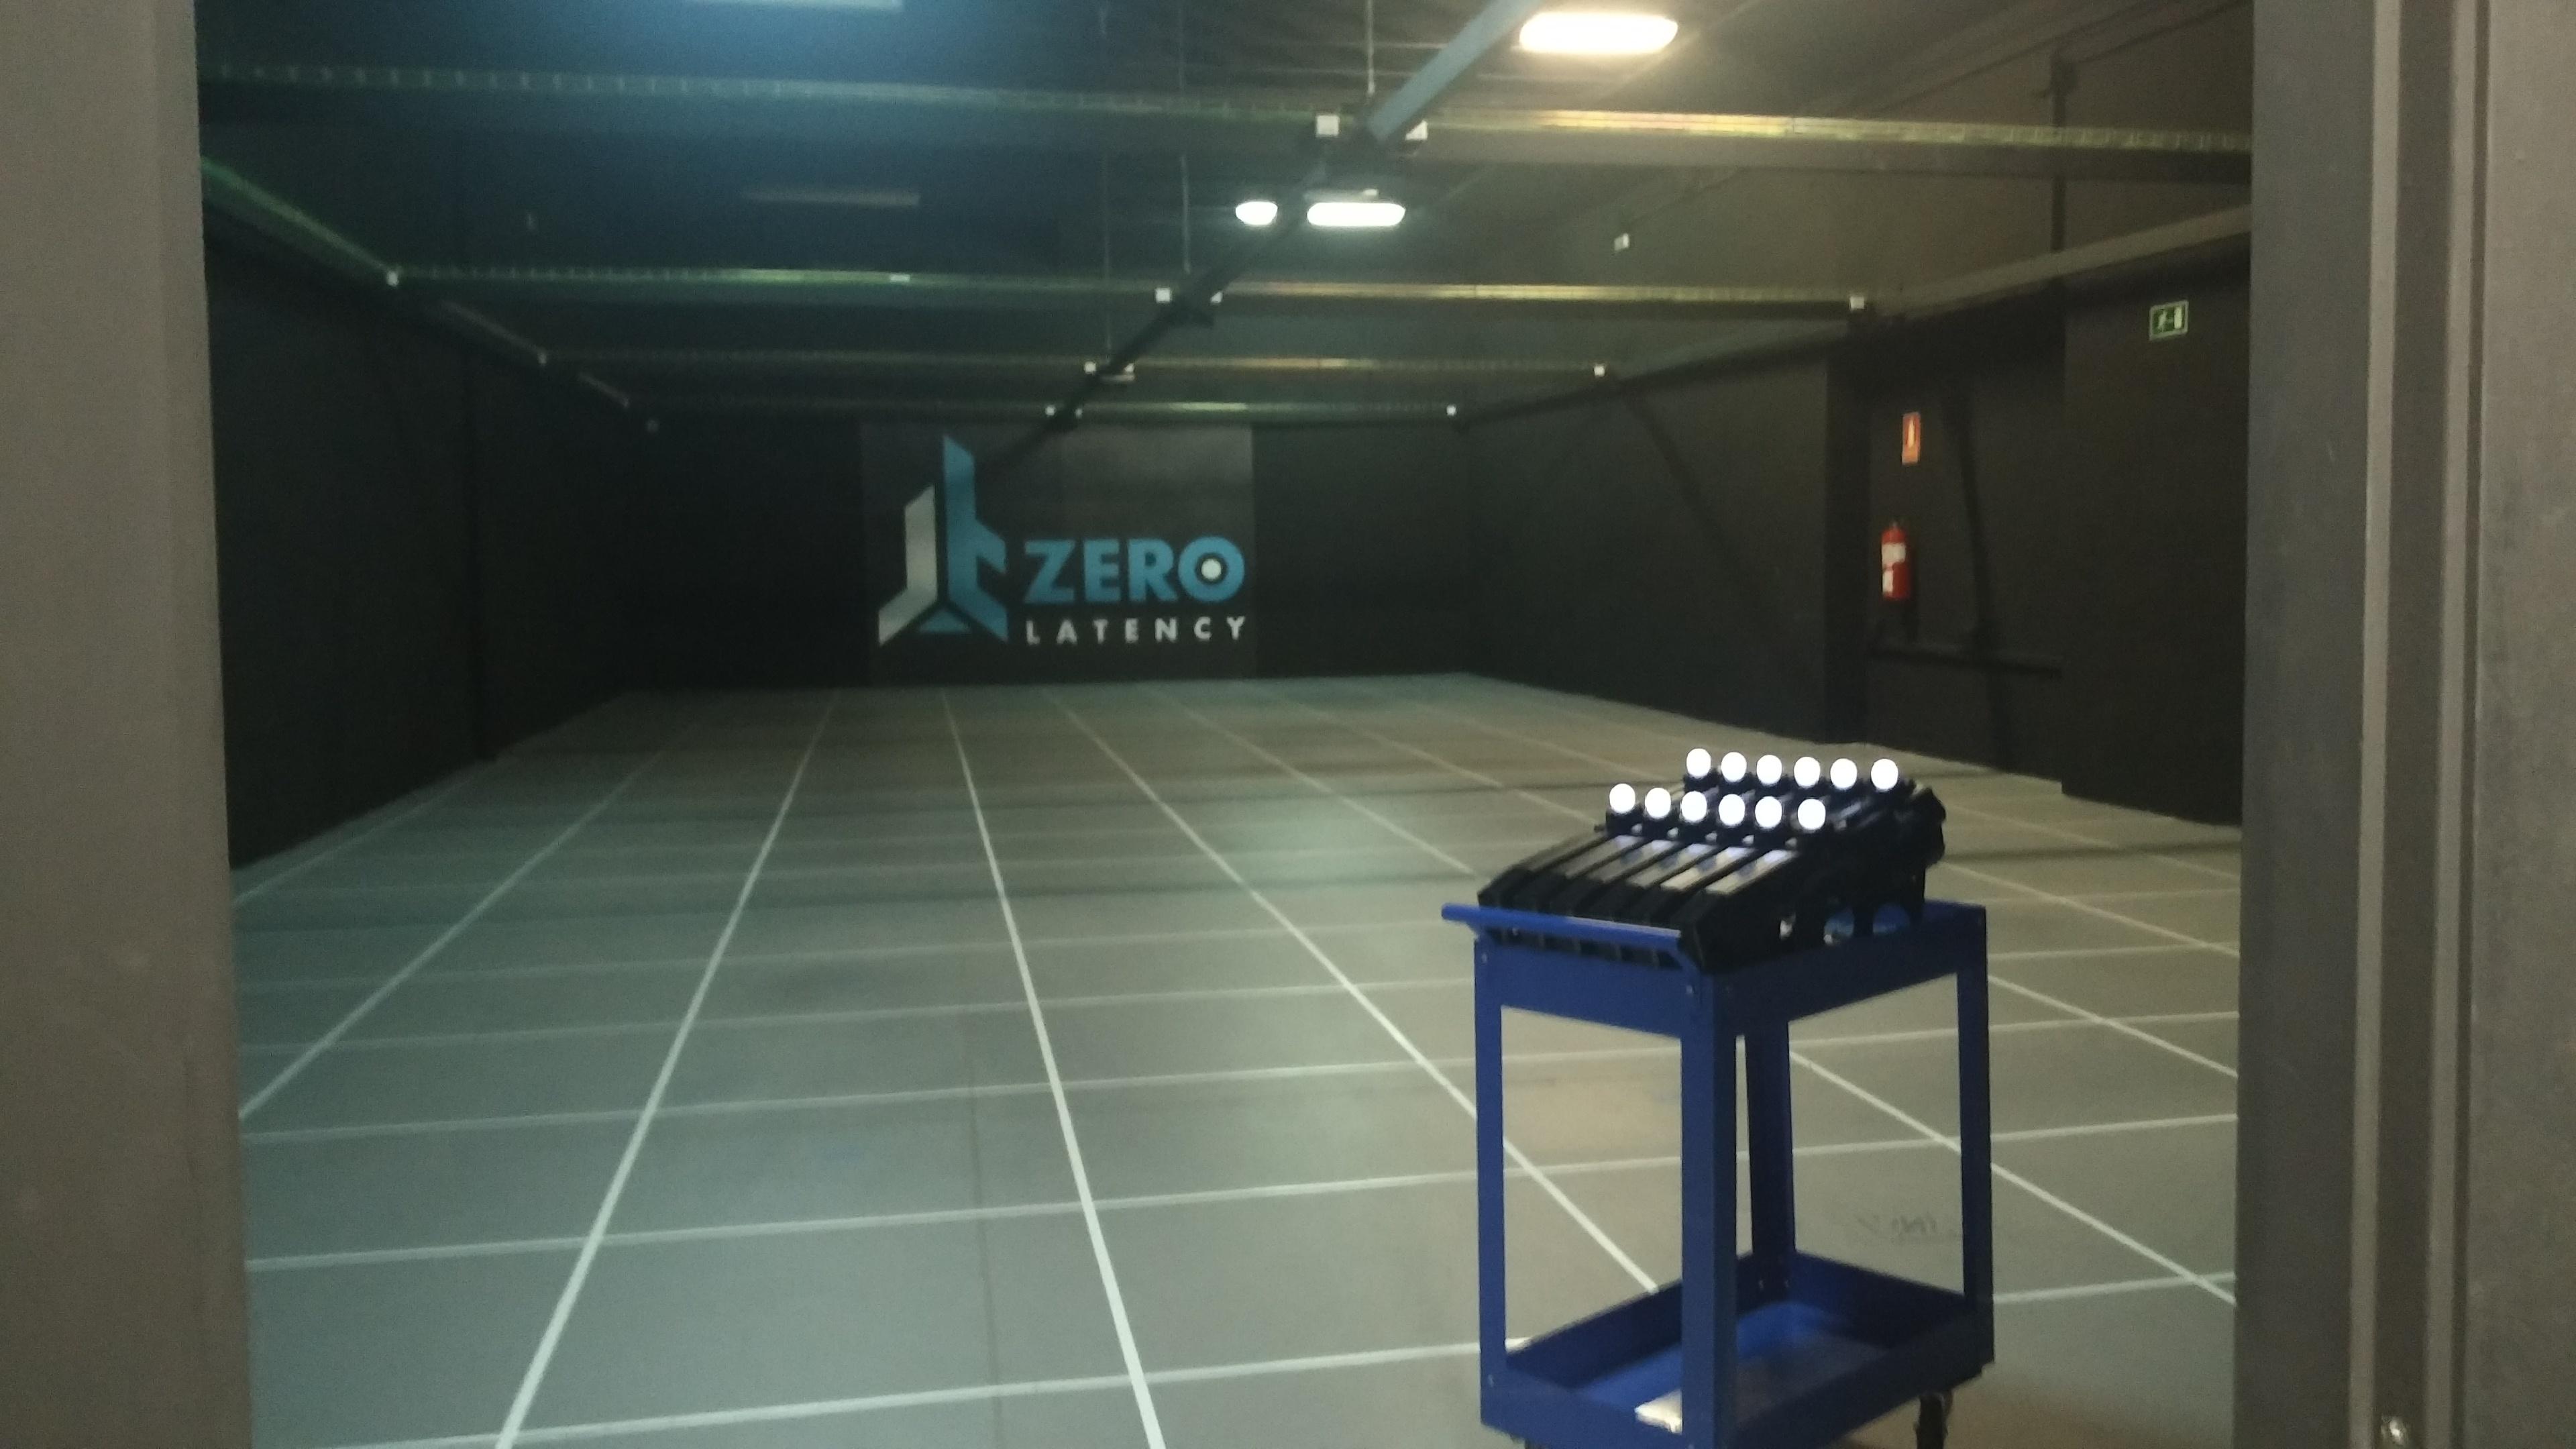 Sala de Zero Latency